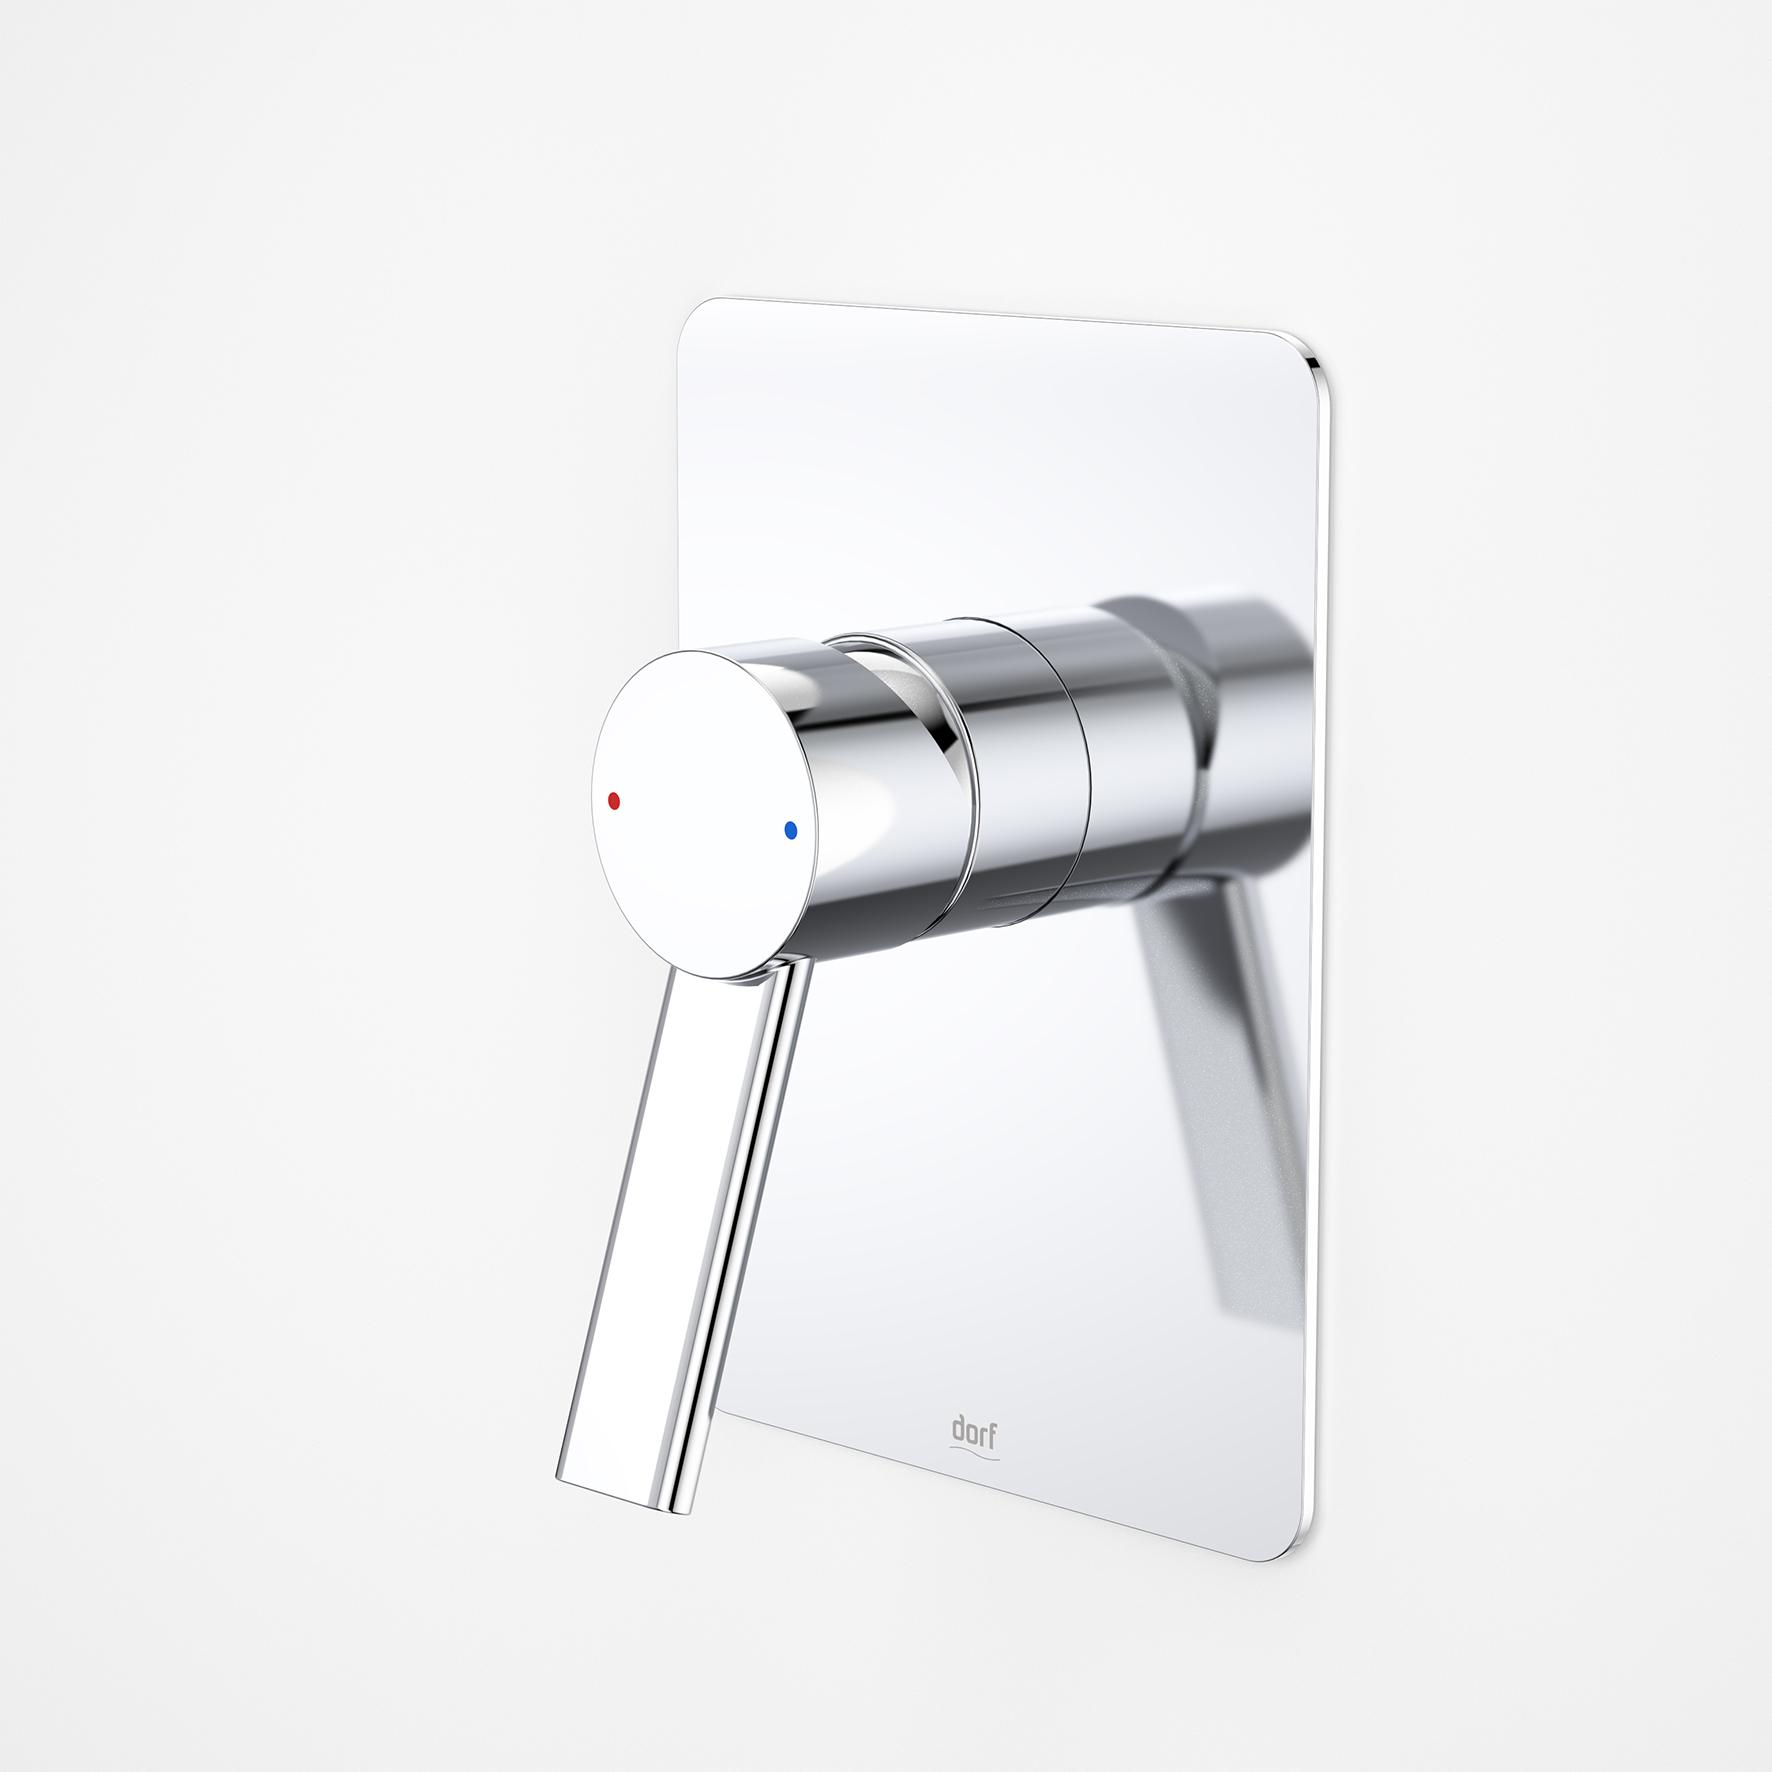 Mixer Taps - Villa - Villa Bath/Shower Mixer